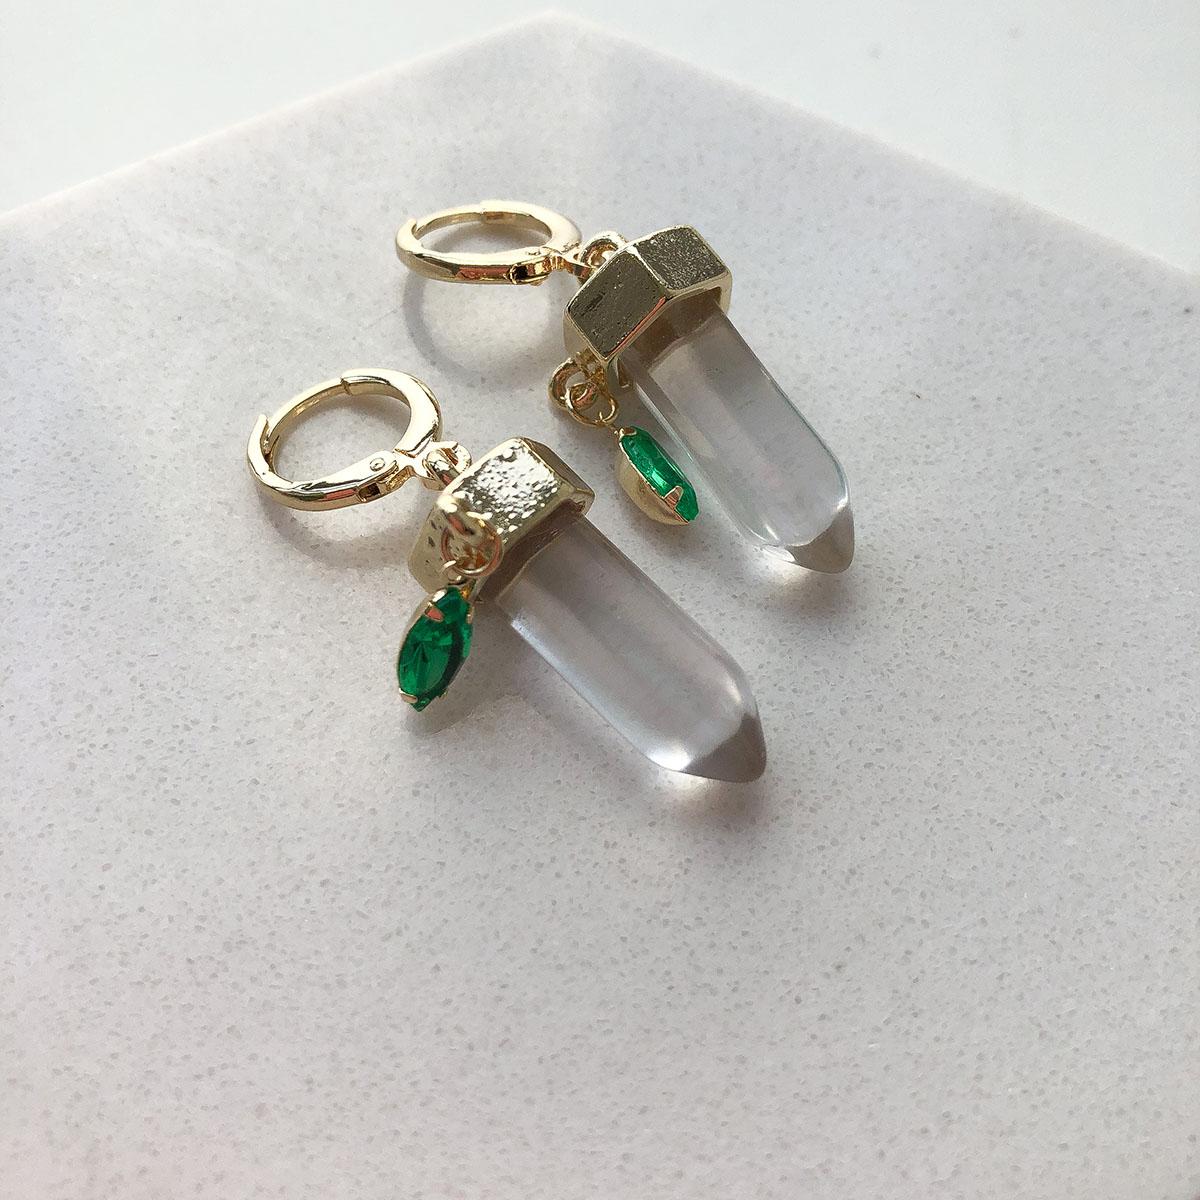 Brinco de Bijuteria Argola com Pingente Ponta de Cristal e Pedra Verde